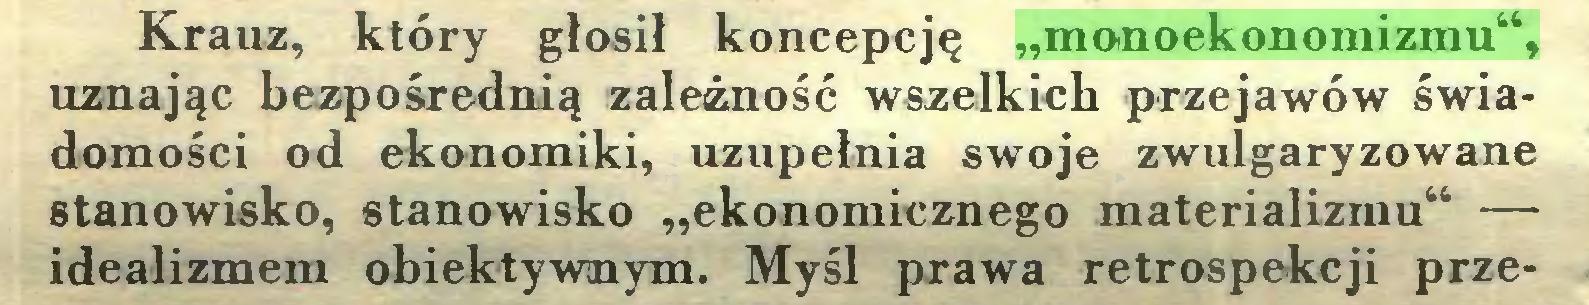 """(...) Krauz, który głosił koncepcję """"monoekonomizmu"""", uznając bezpośrednią zależność wszelkich przejawów świadomości od ekonomiki, uzupełnia swoje zwulgaryzowane stanowisko, stanowisko """"ekonomicznego materializmu"""" — idealizmem obiektywnym. Myśl prawa retrospekcji prze..."""